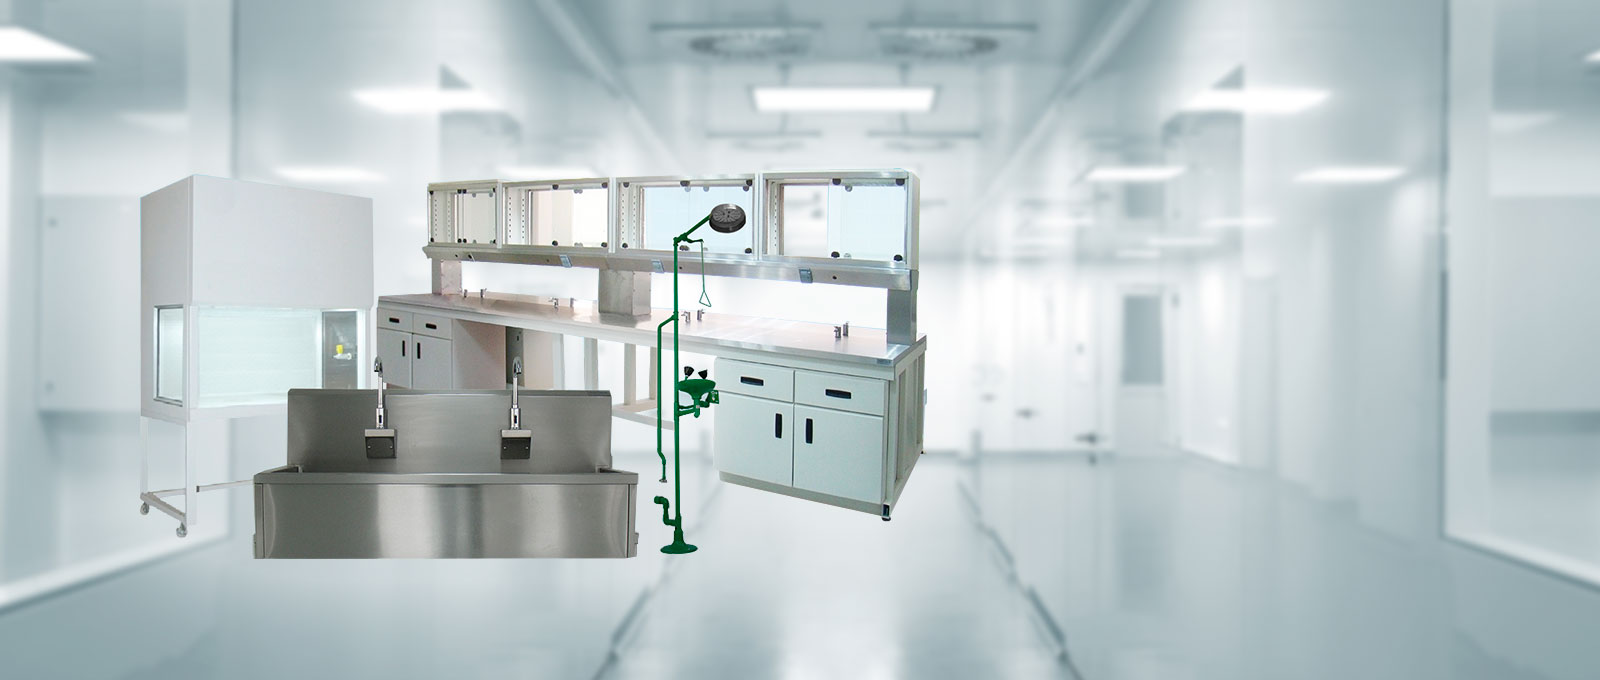 quipo-de-laboratorio-refrimed-mexico